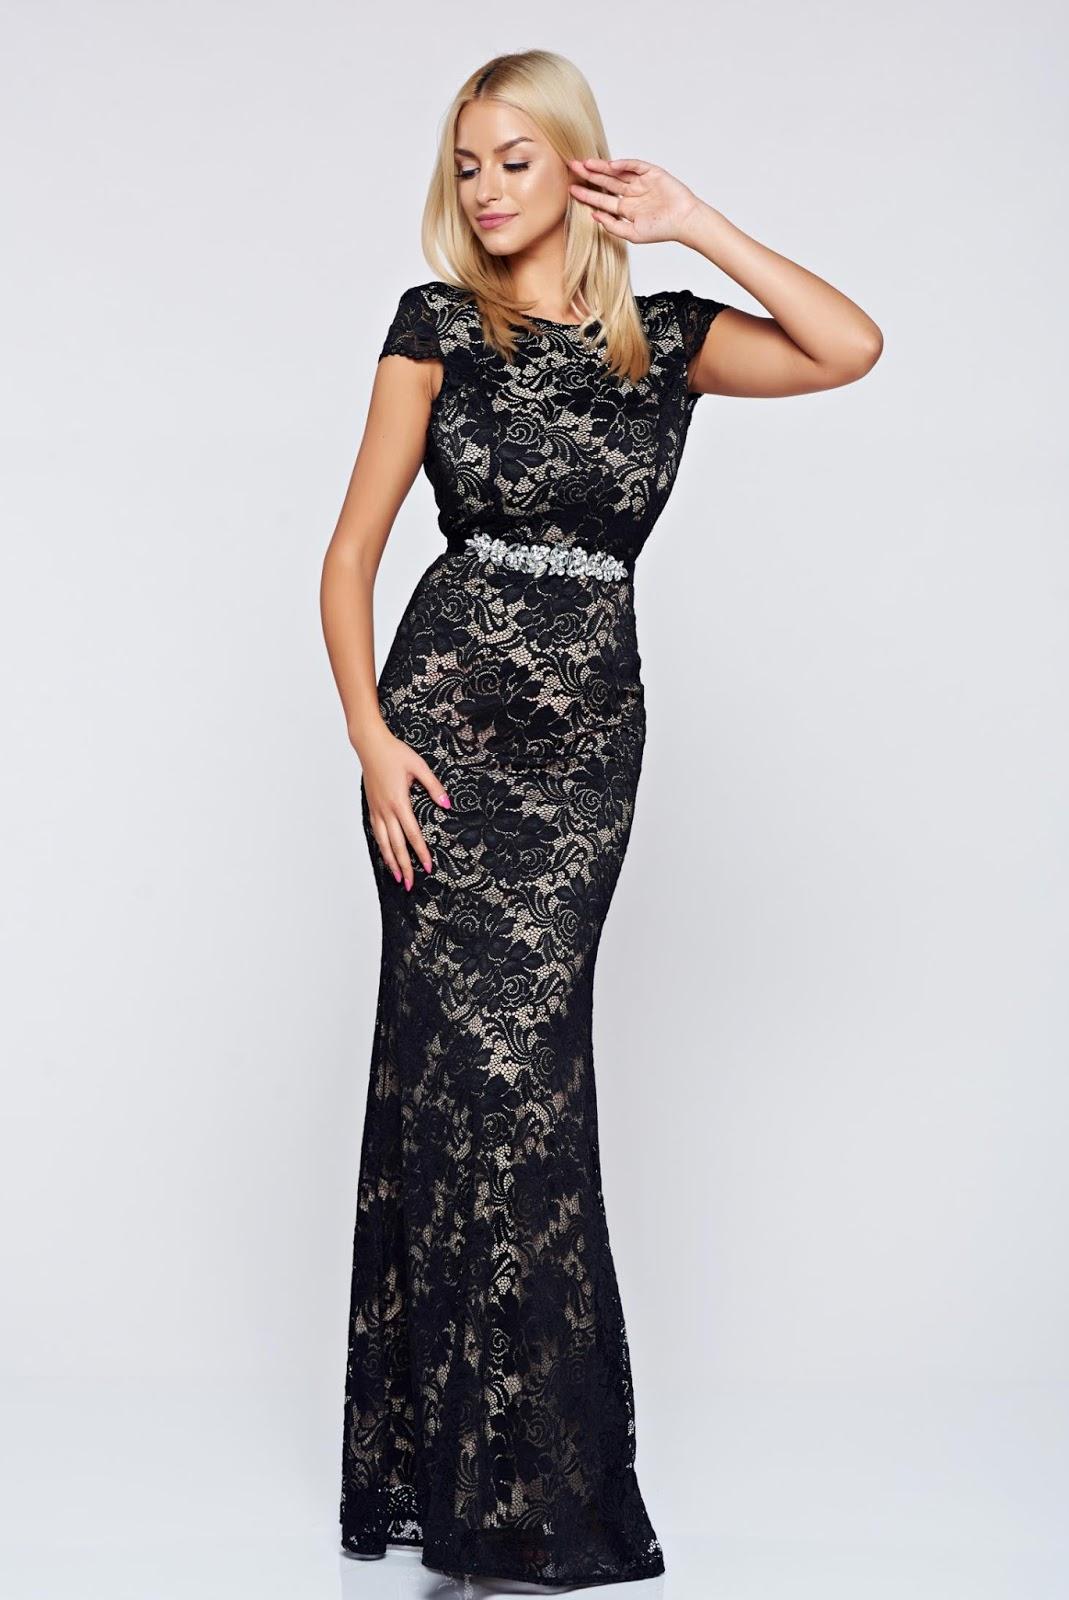 Modelos de vestidos largos y bonitos